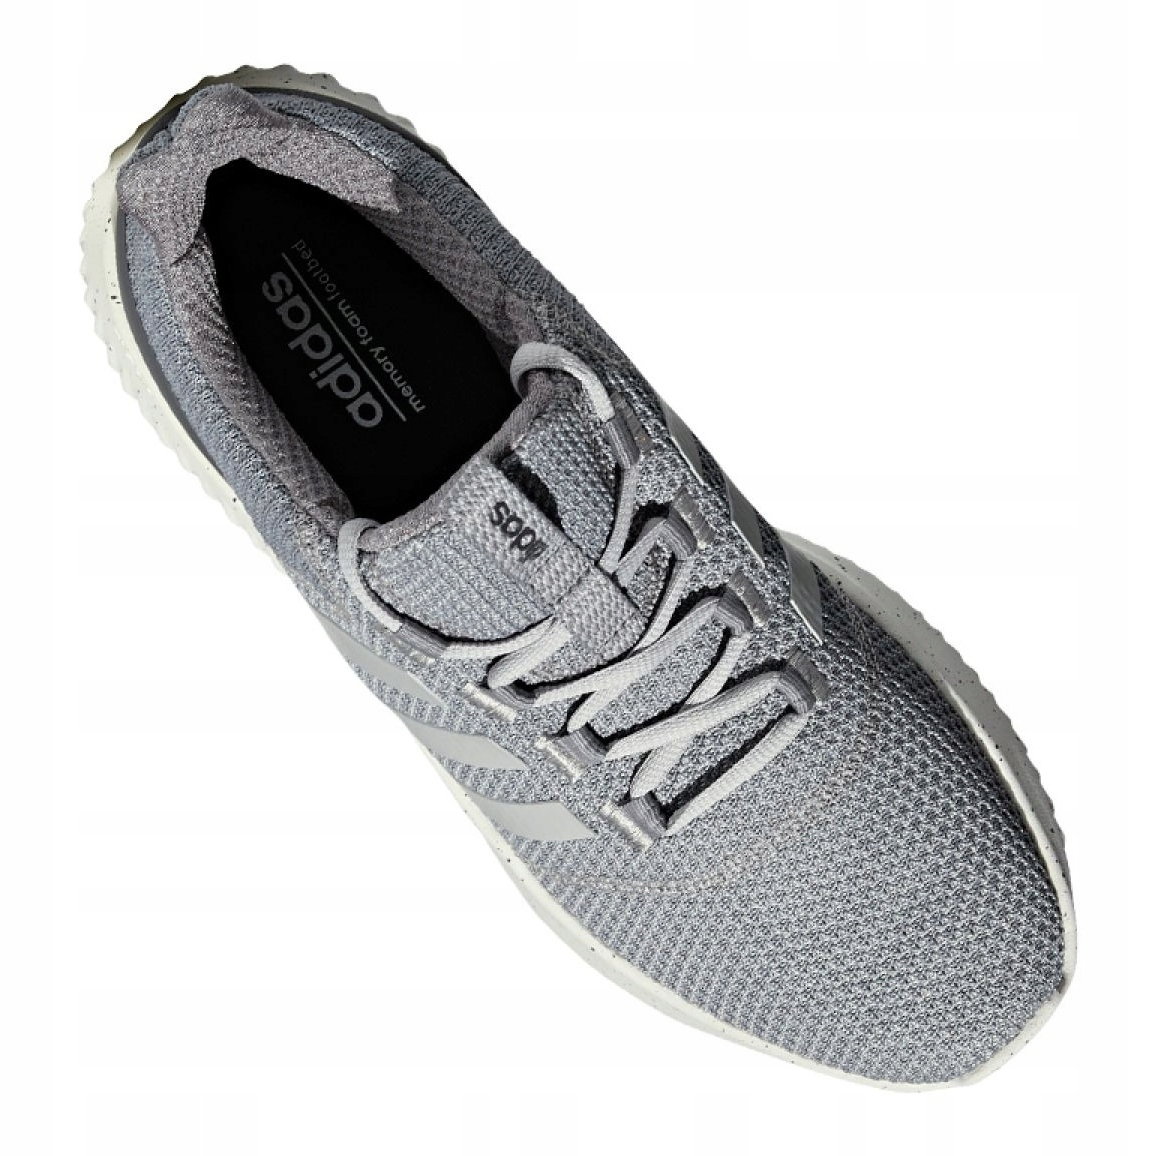 Grau Cloudfoam Schuhe Ultimate M F34455 Adidas 9IHED2